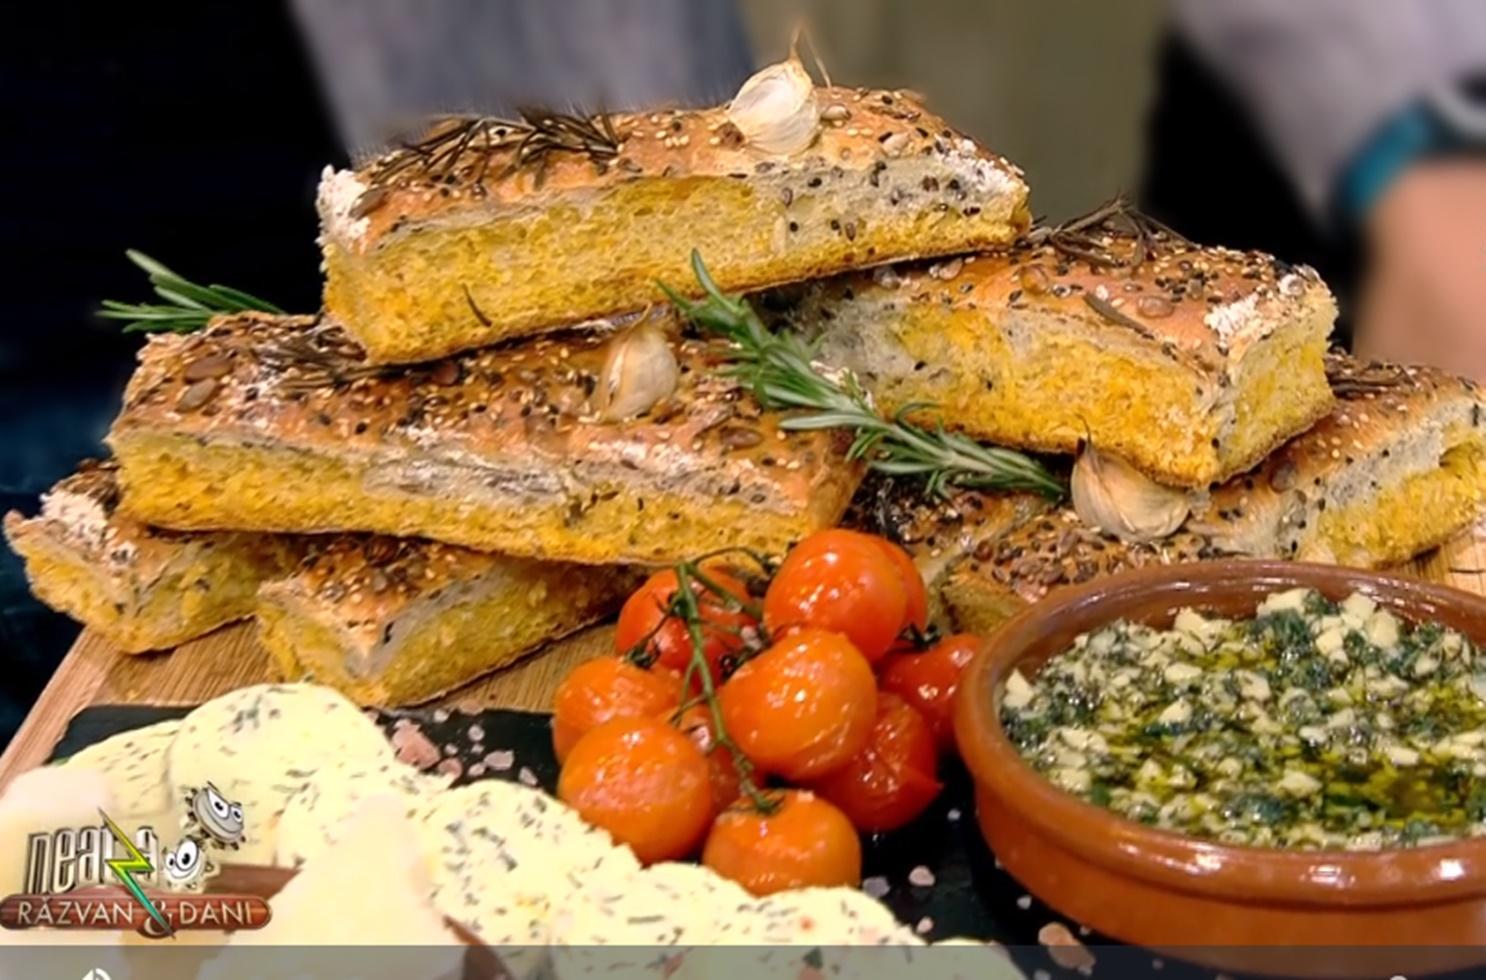 O rețetă deosebită de pâine cu cartofi dulci și semințe din bucătăria lui Vlăduț